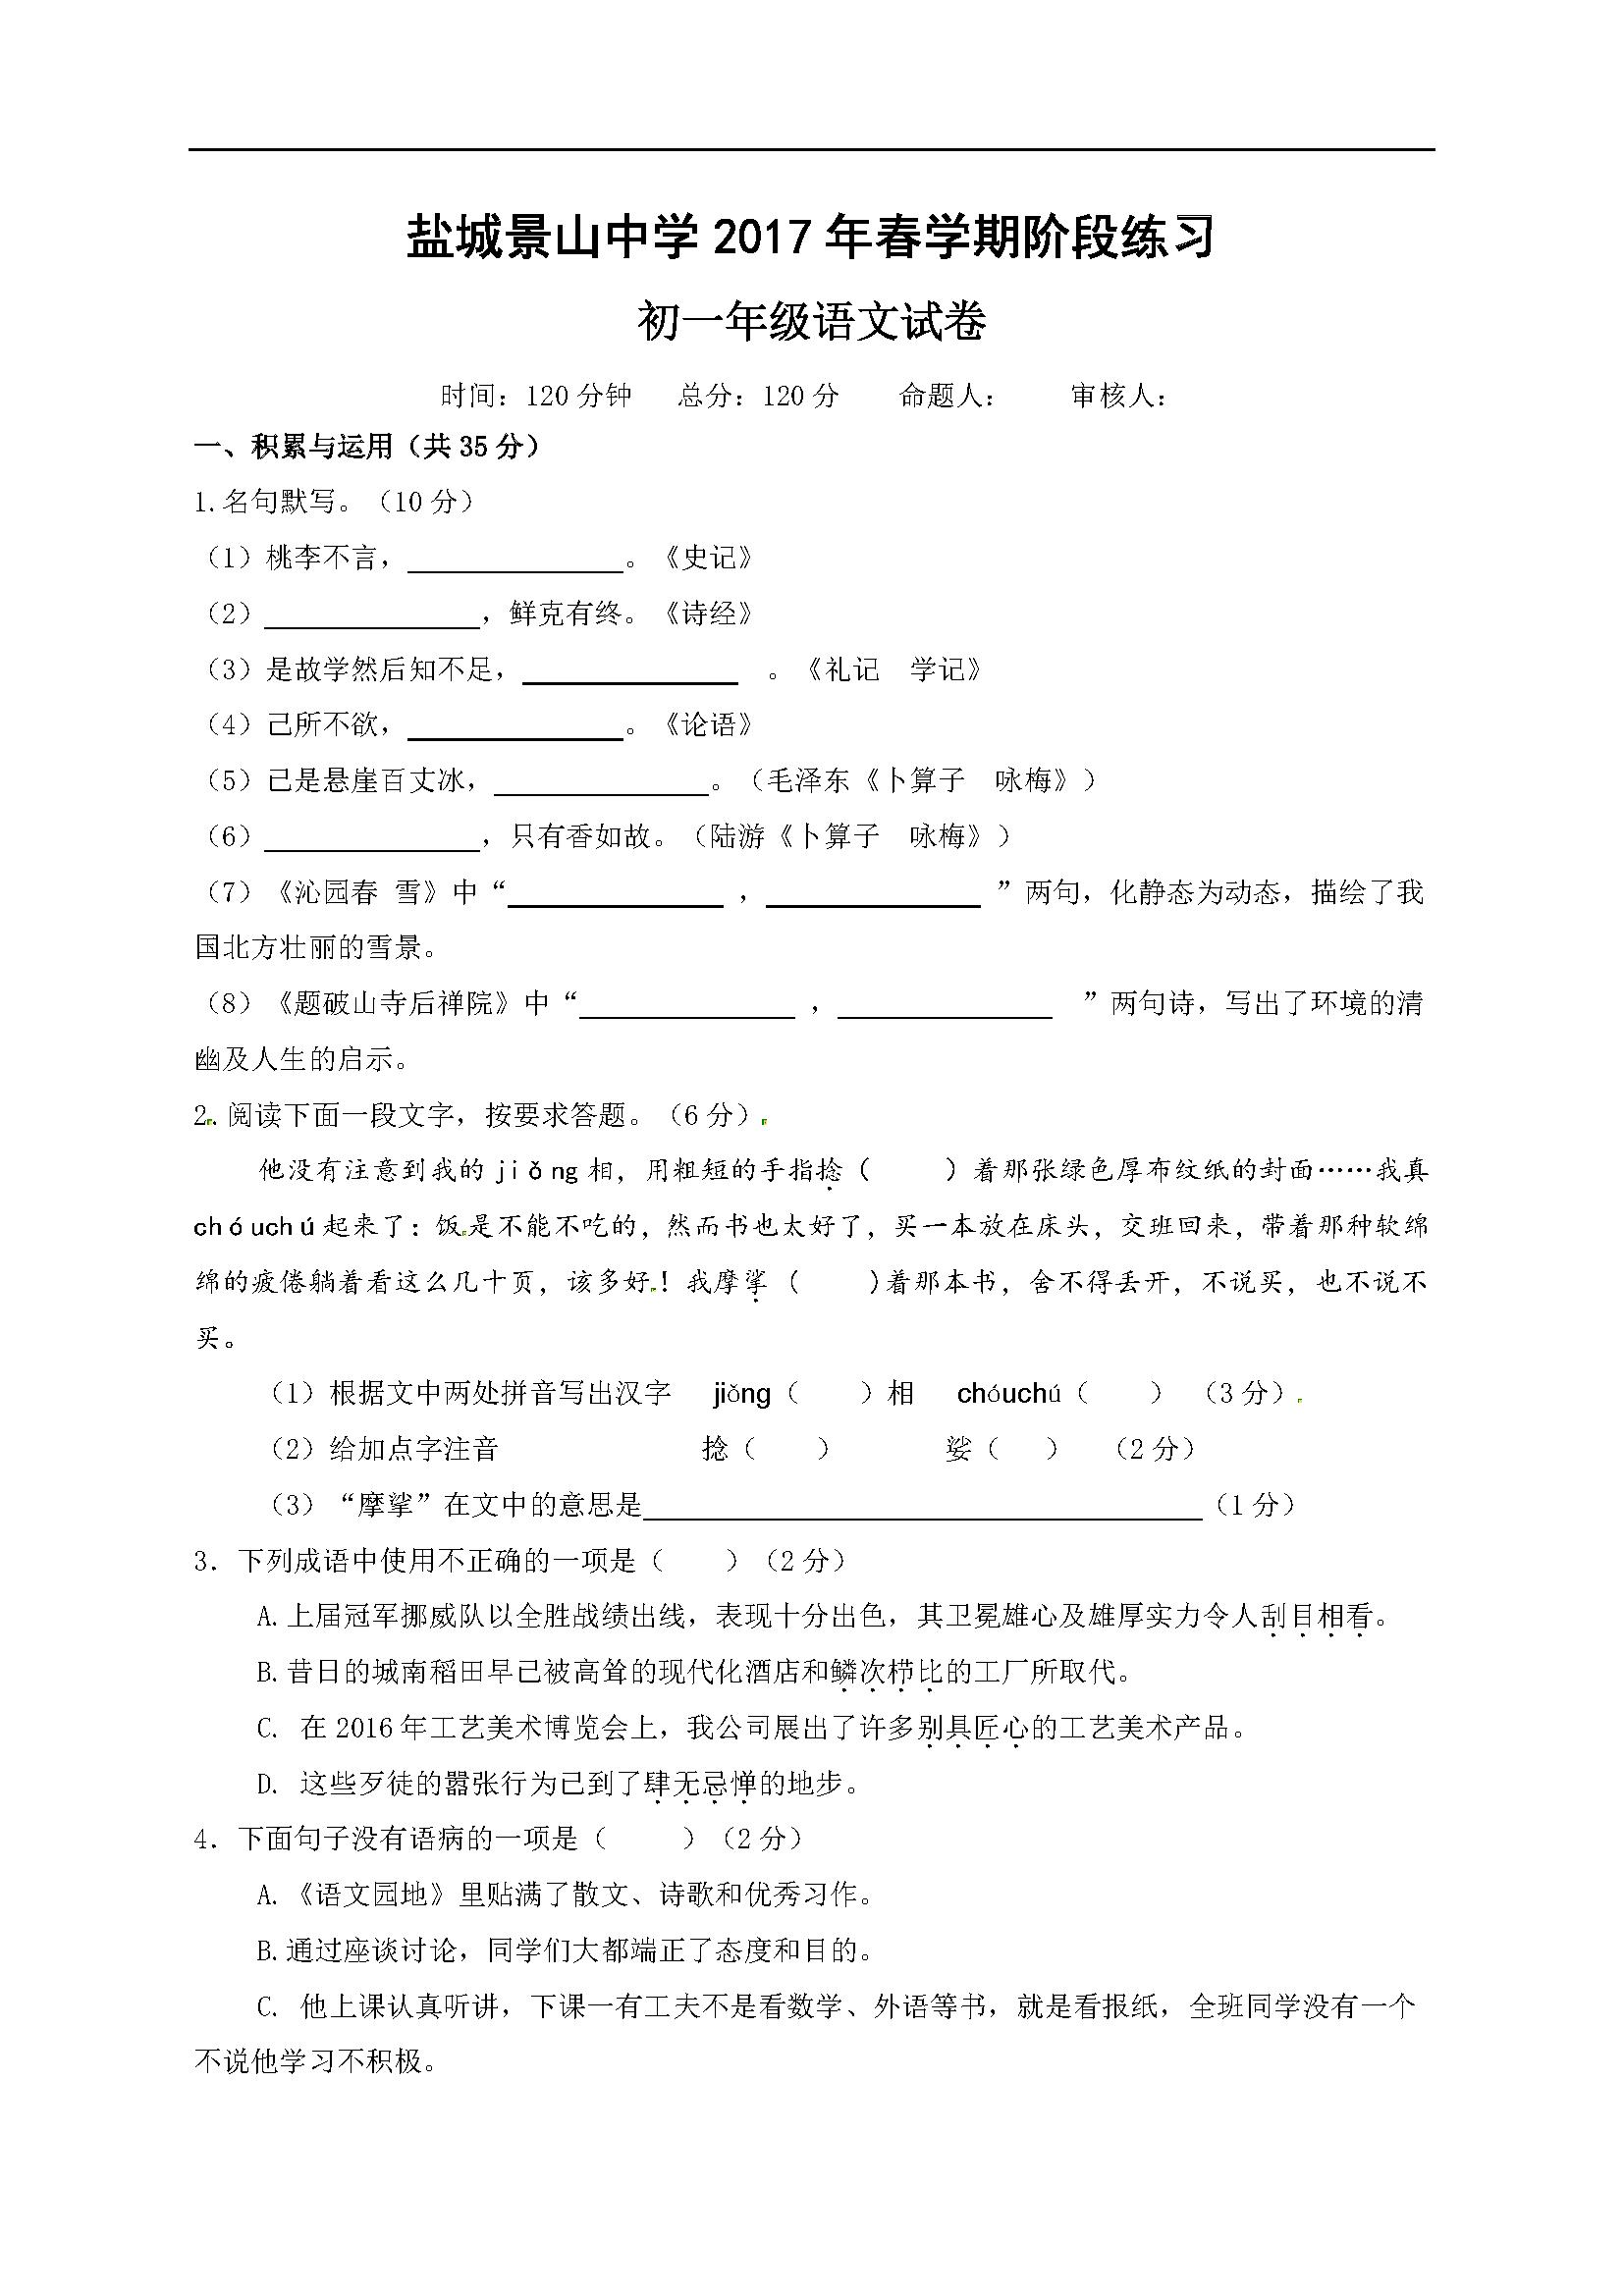 2017江苏盐城七年级下第一次月考语文试题(图片版)